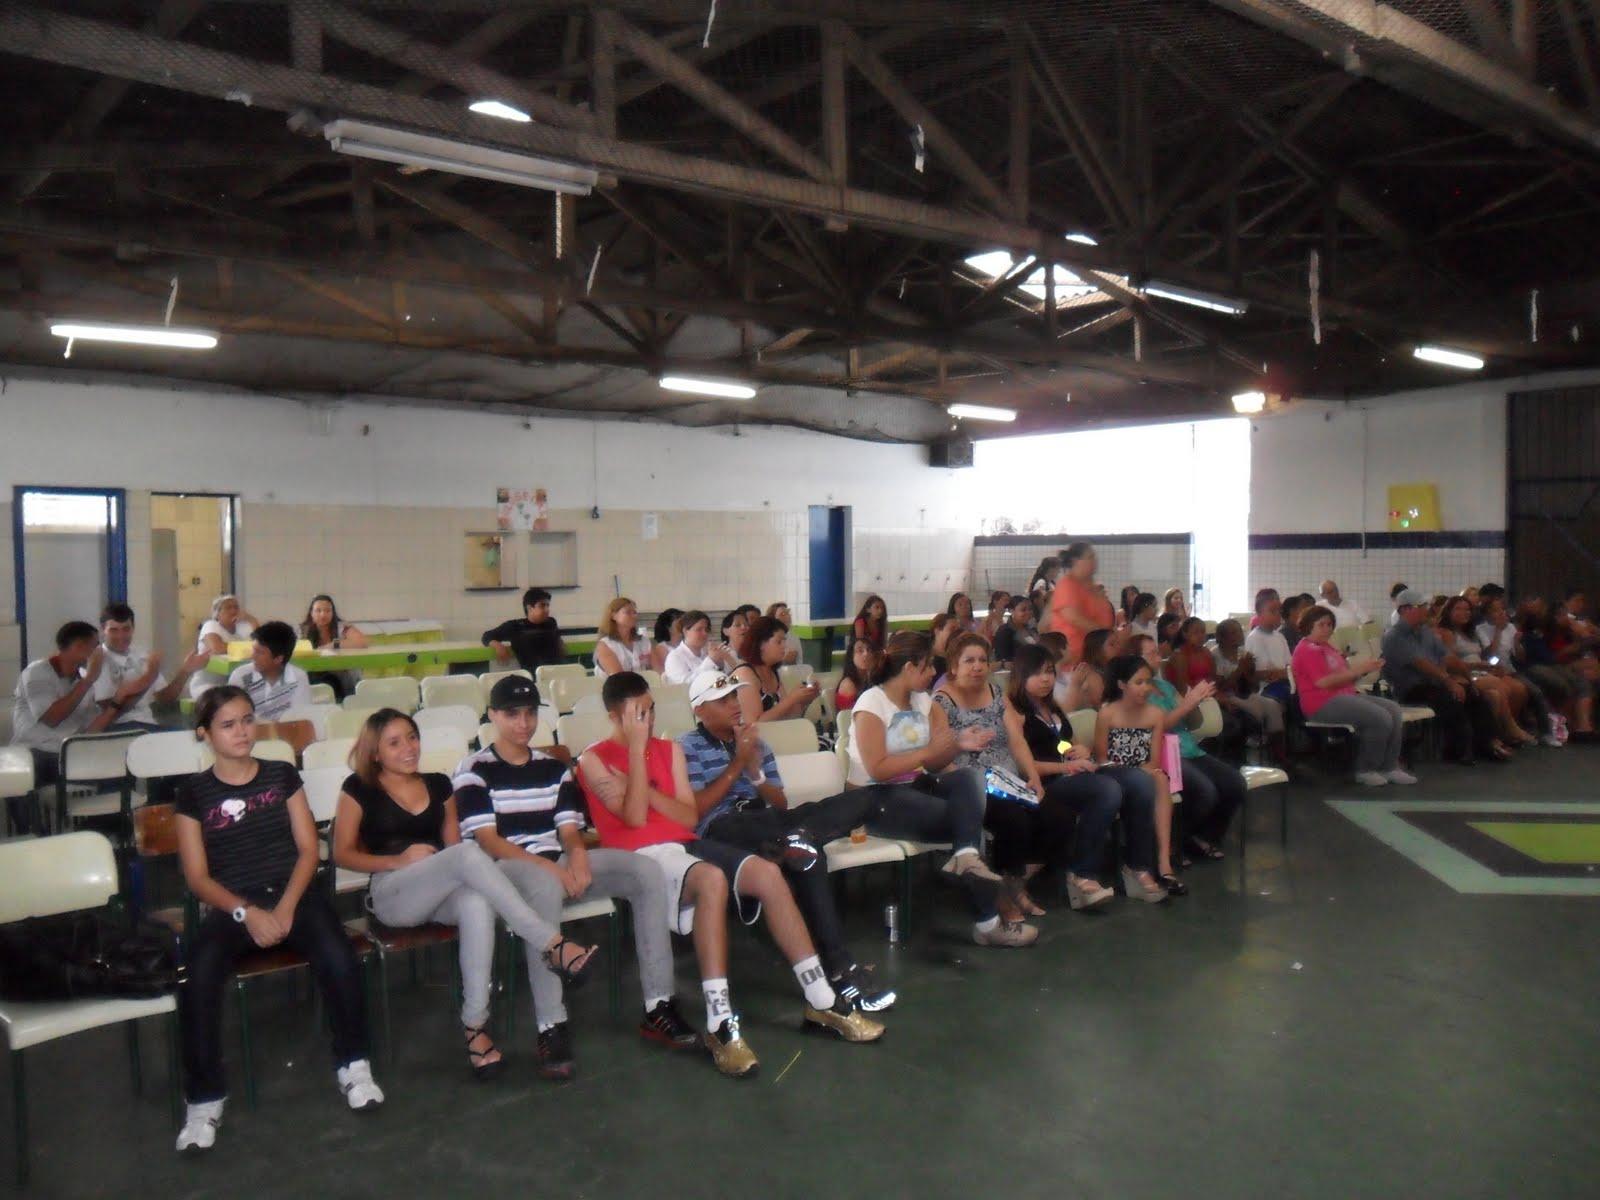 #69453E ESCOLA ESTADUAL MARIA MONTESSORI  2012: FOTOS DE ALGUNS PROJETOS DE  1600x1200 px Projeto Cozinha Experimental Na Escola #2535 imagens